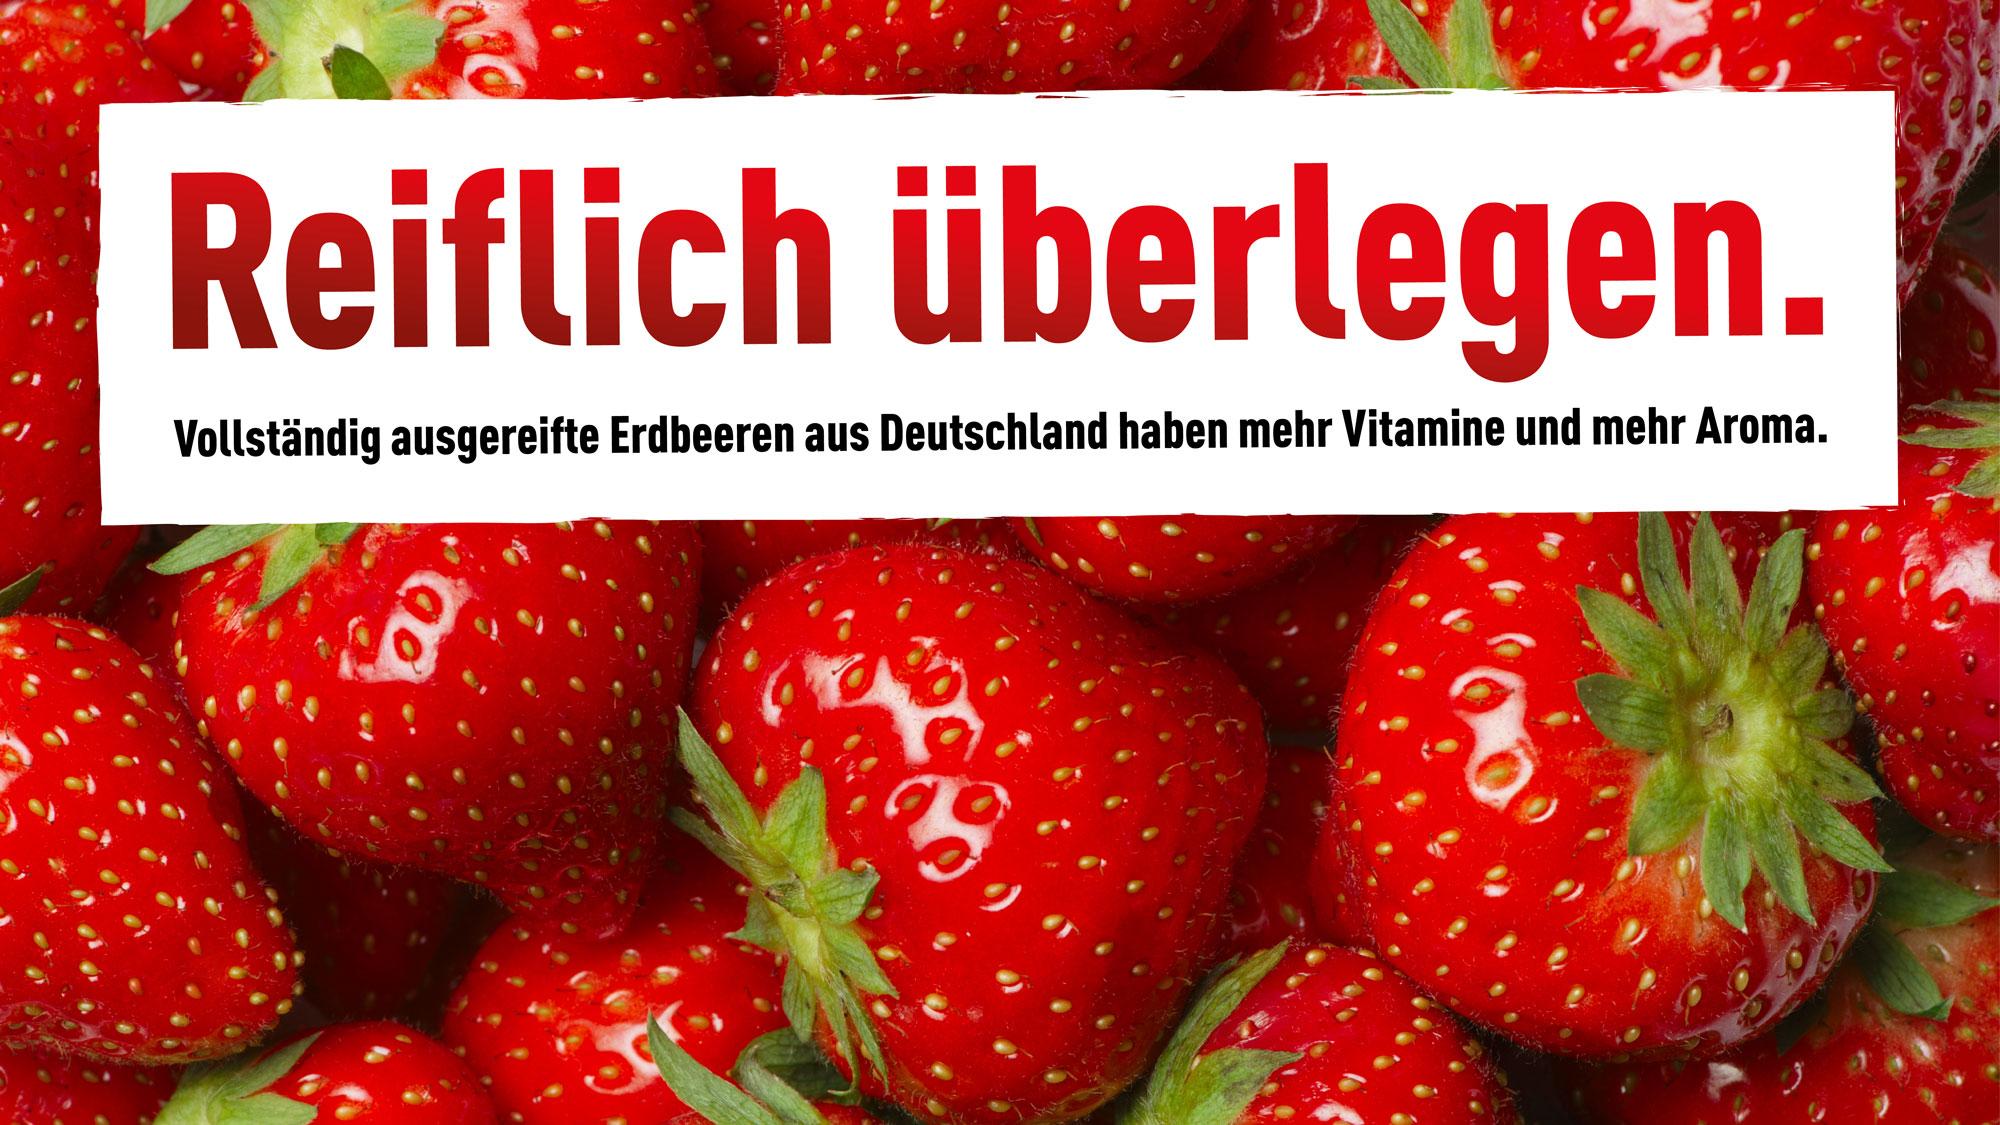 deutsches obst und gemüse | deutschland - mein garten., Gartengerate ideen